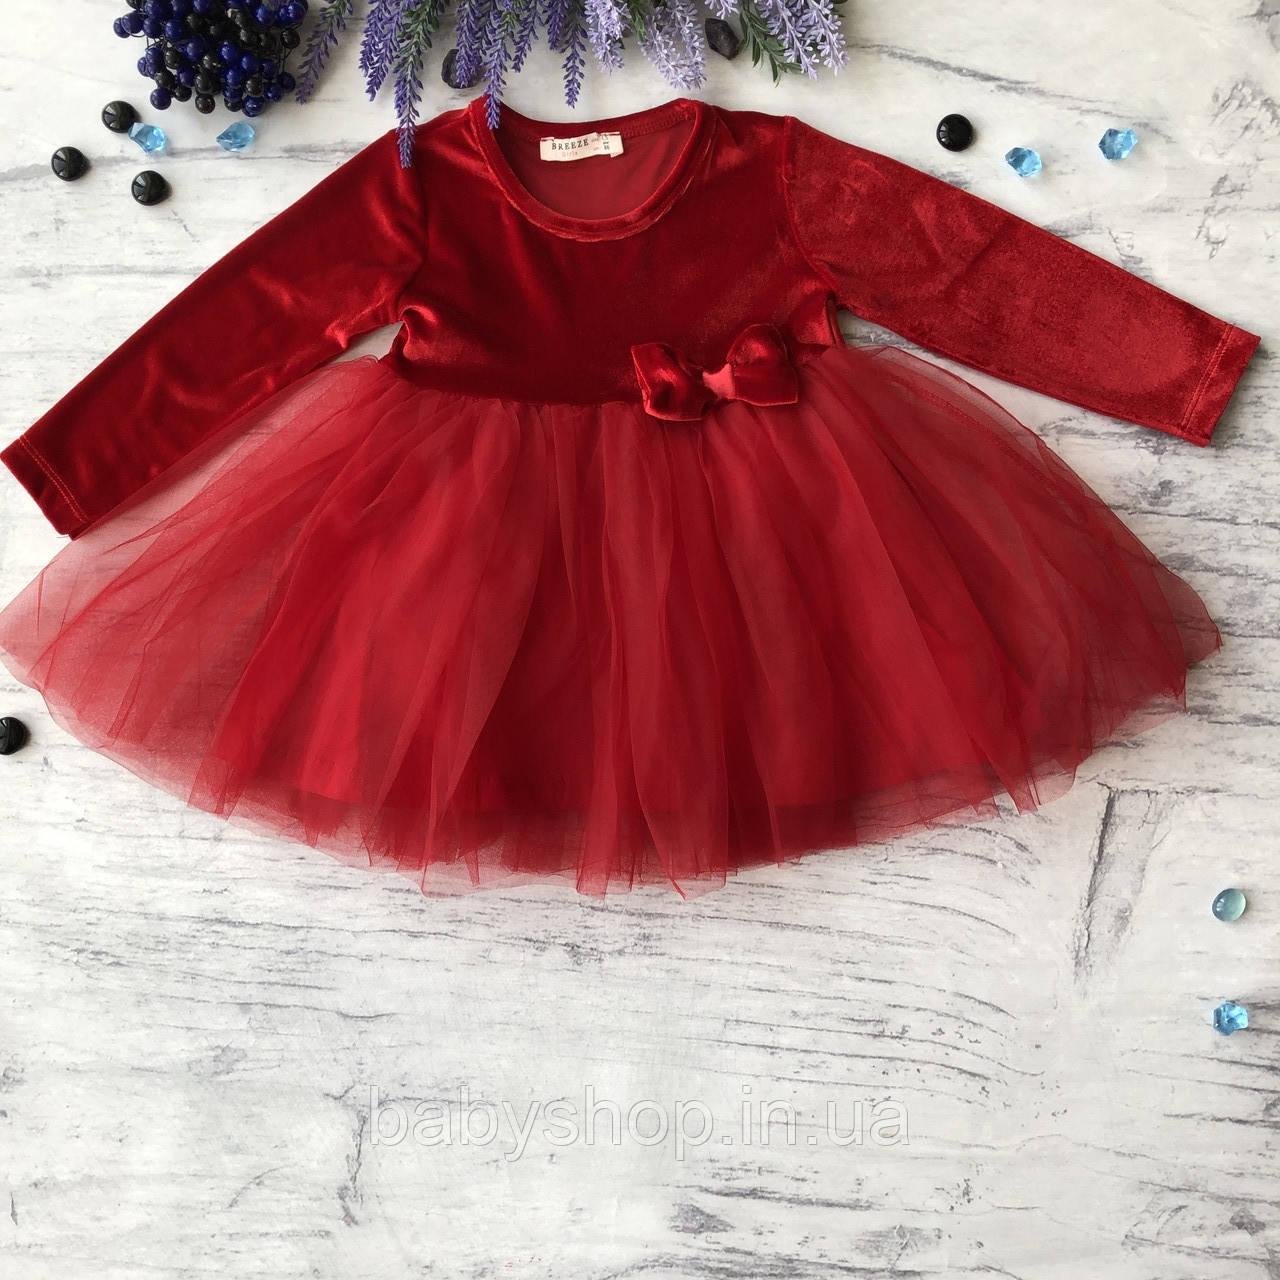 Красное пышное платье на девочку Breeze 169 . Размер 92 см, 98 см, 104 см, 110 см, 116 см